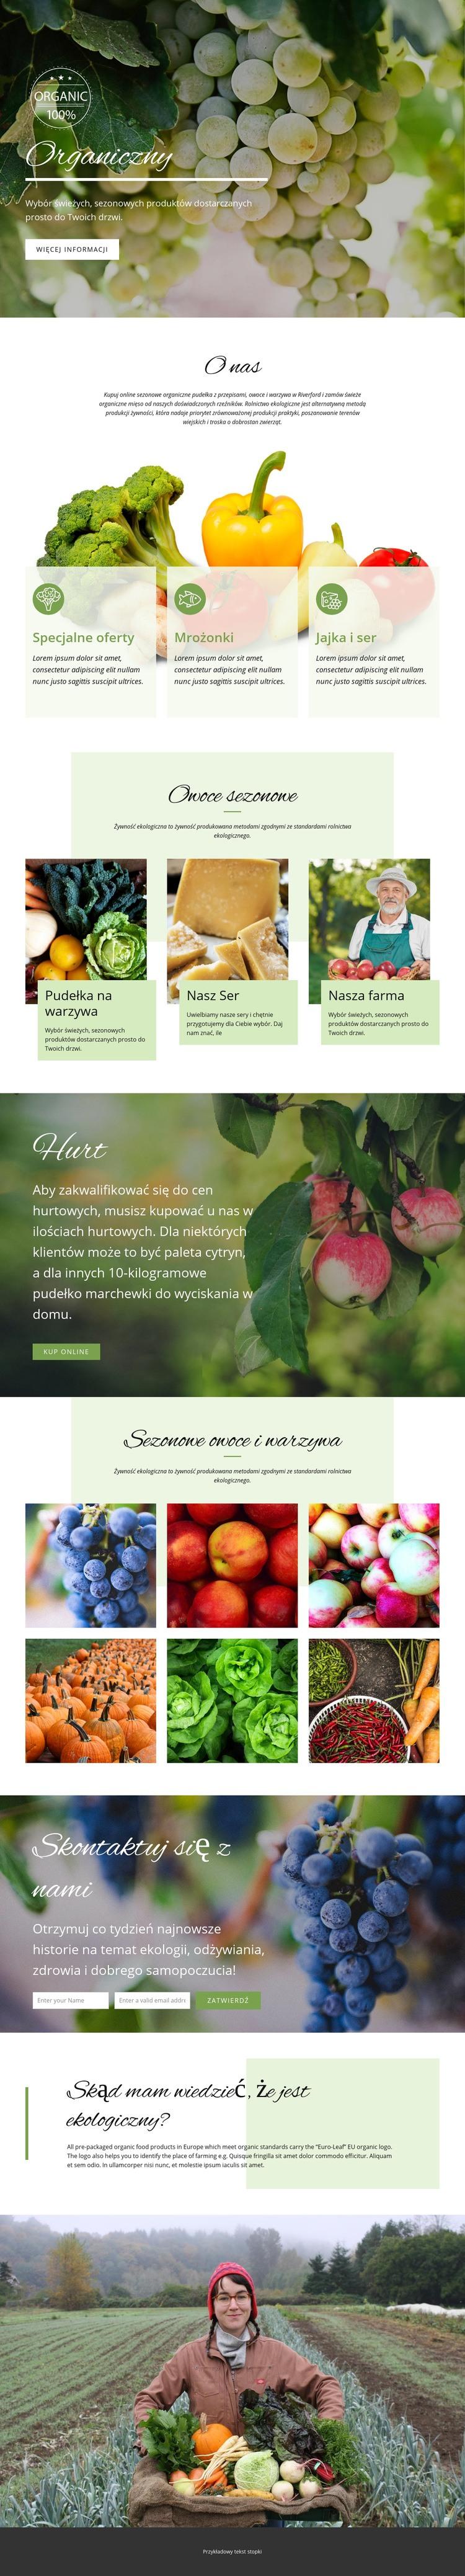 Zdrowsze z żywnością ekologiczną Szablon witryny sieci Web